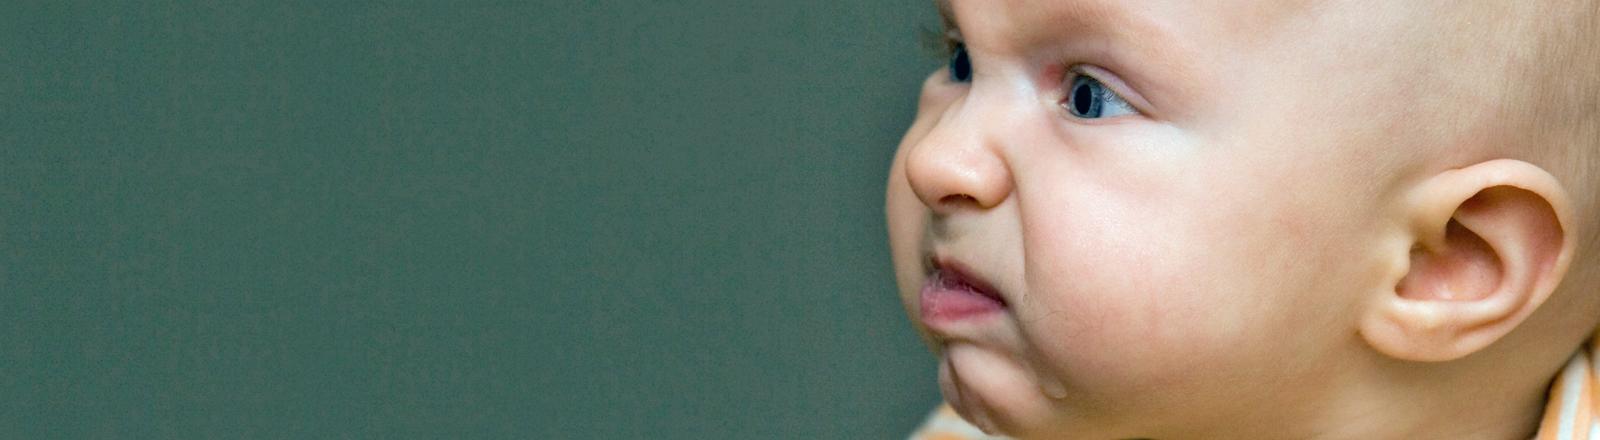 Ein Baby zieht eine recht grimmige Schnute.